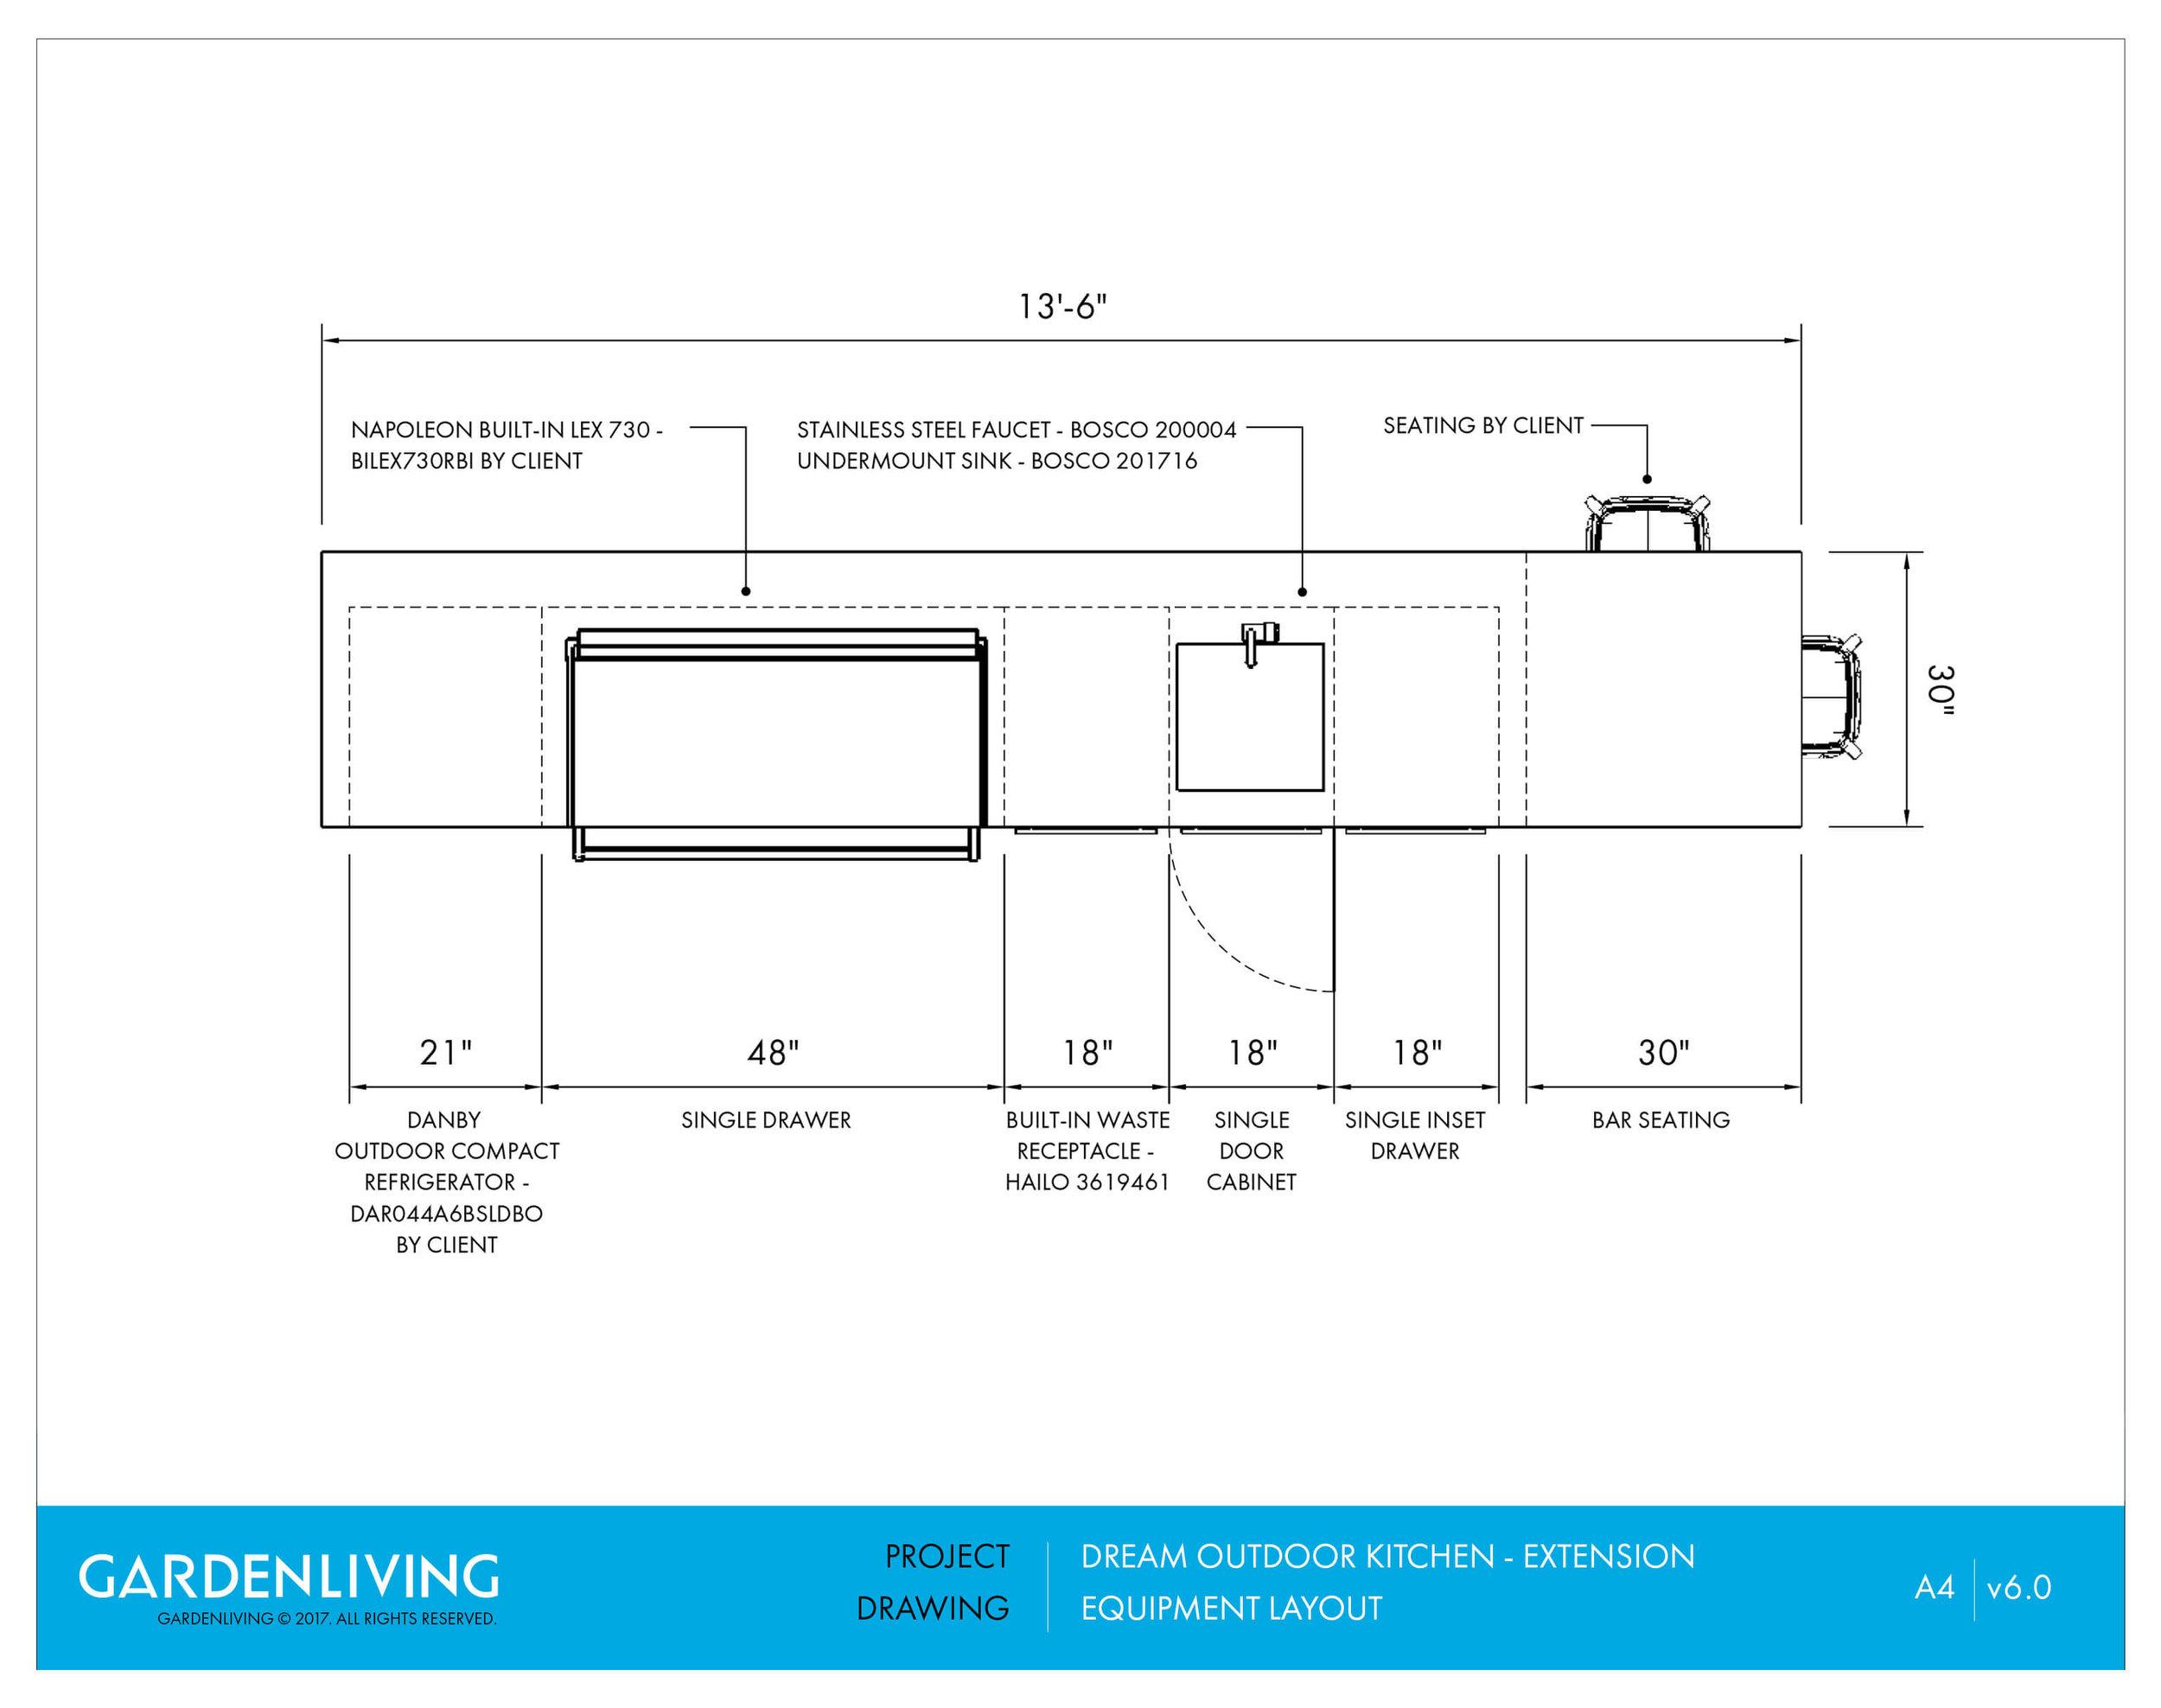 Outdoor Kitchen Extension - Equipment Layout.jpg